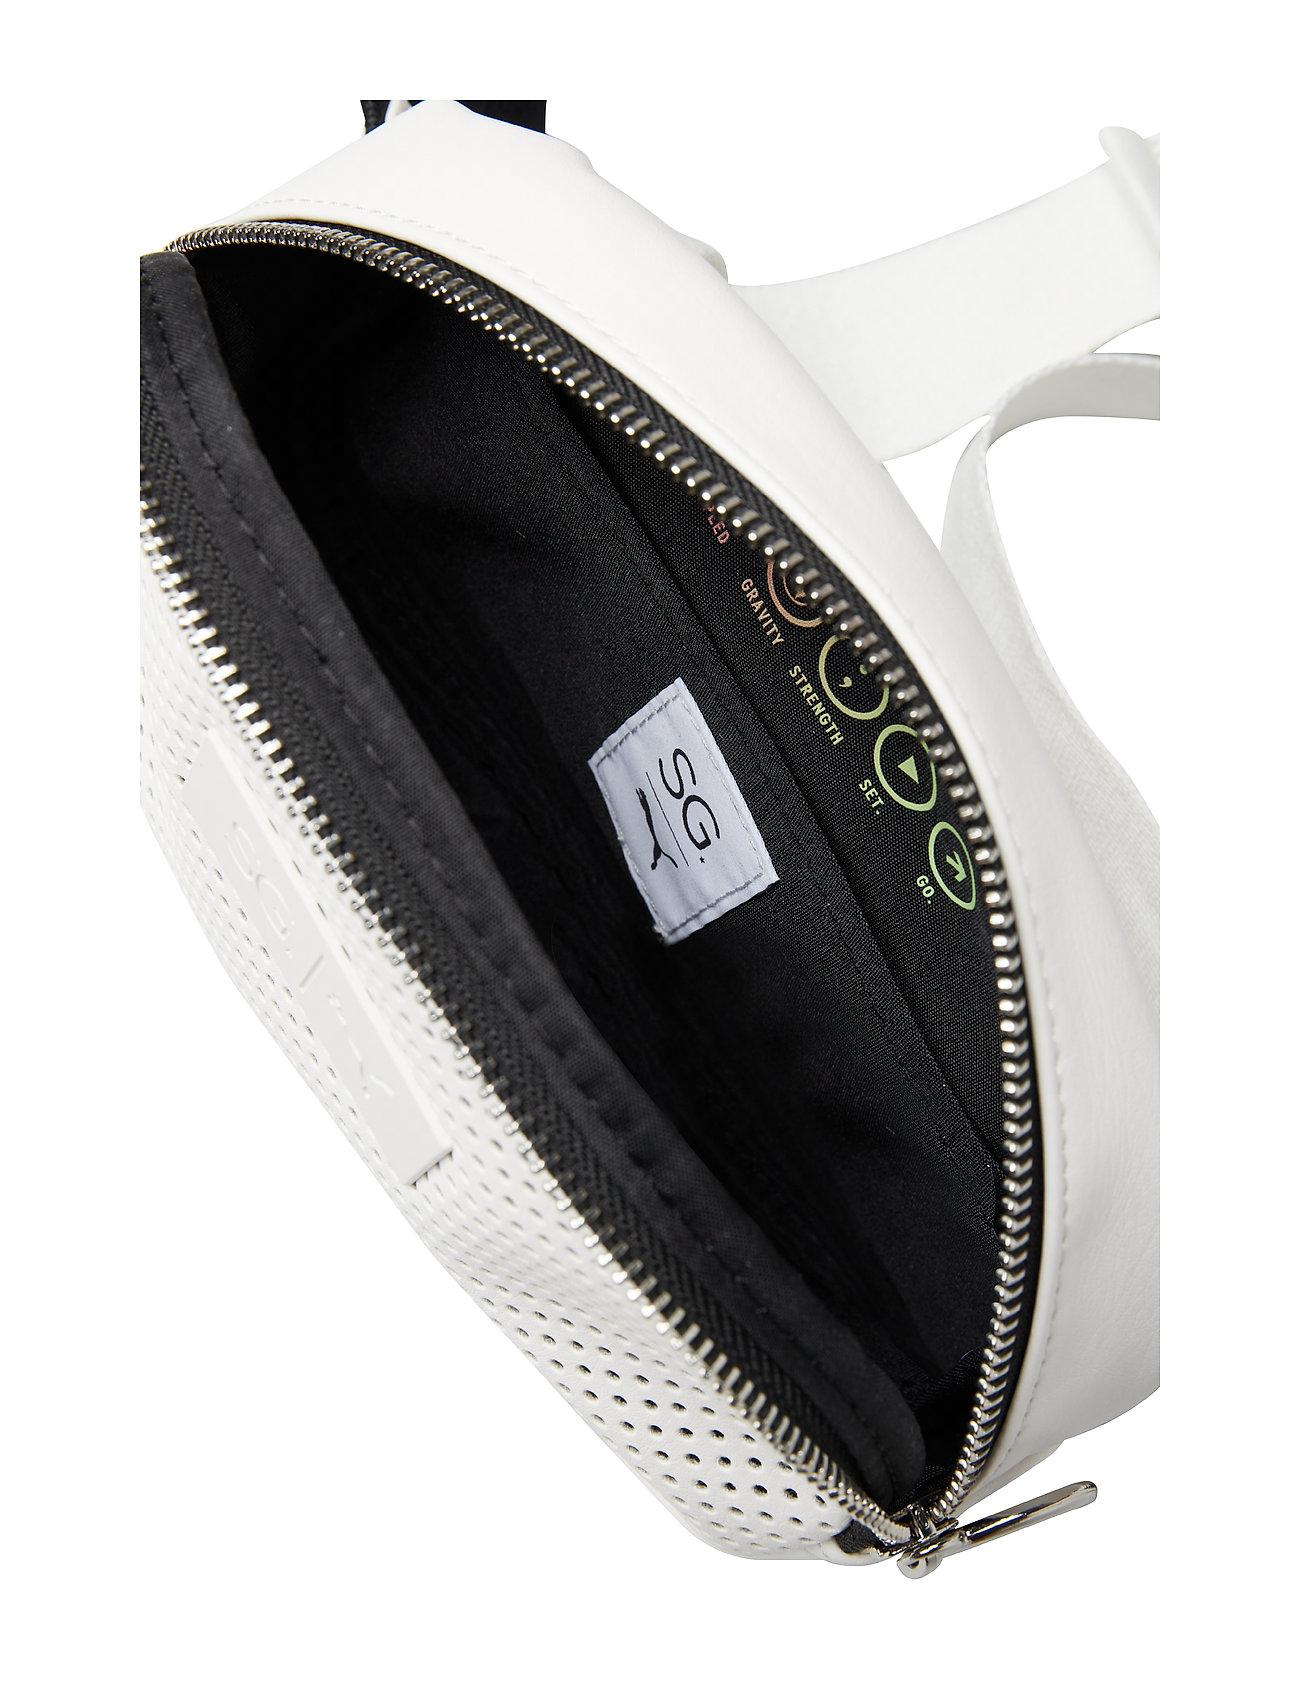 Style X Sg X White bodypuma Puma lcFJ1K